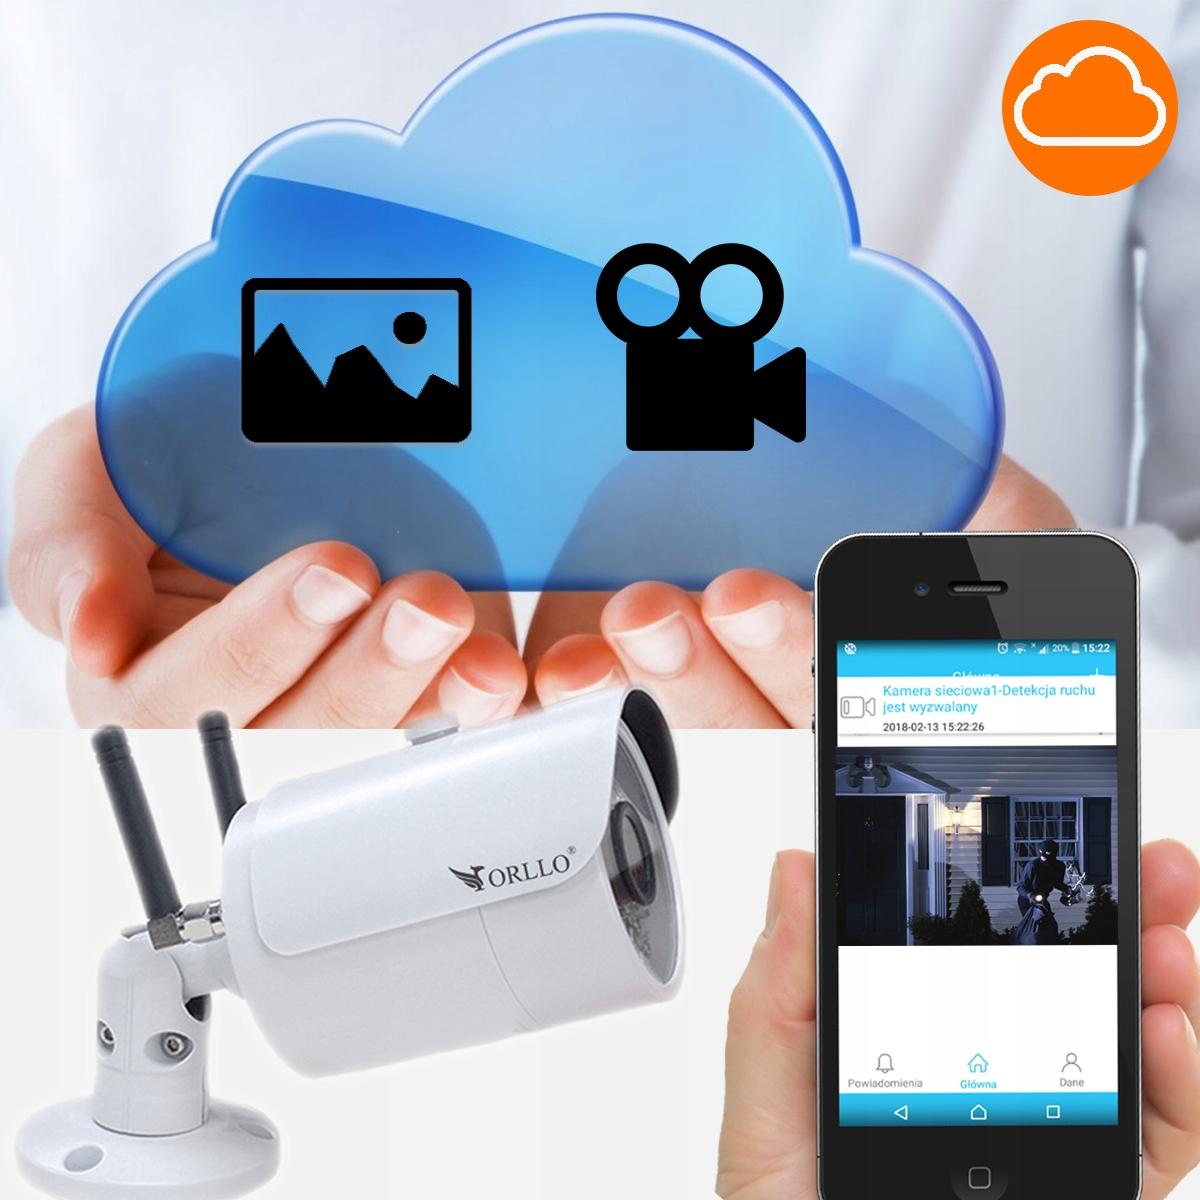 Kamera Zewnętrzna GSM SIM Router WiFi + Kamera 4MP Technologia IP